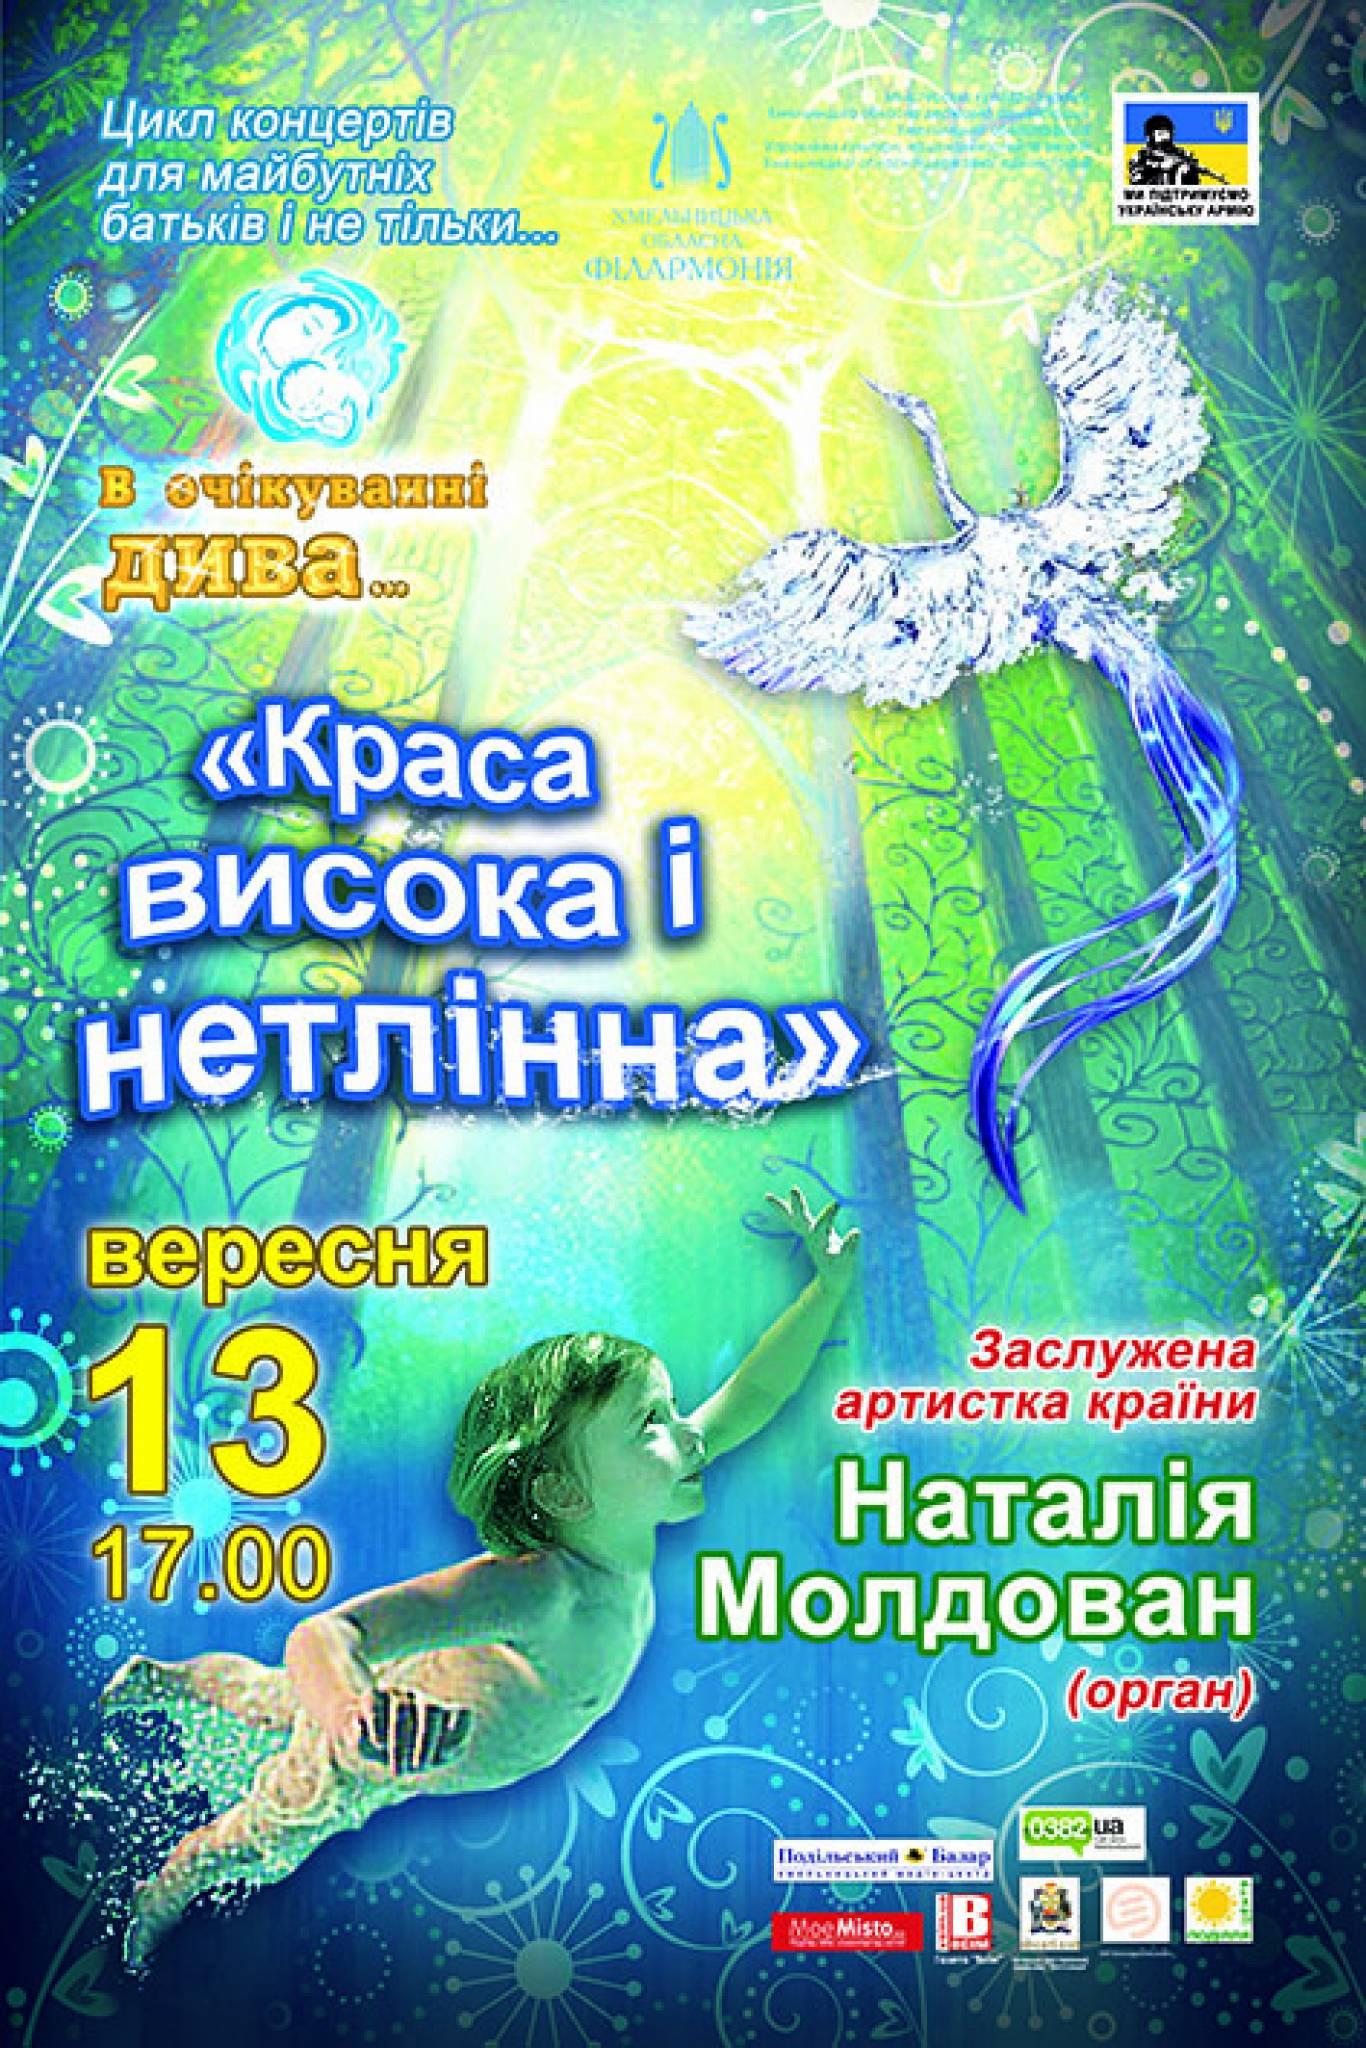 Концерт Краса висока і нетлінна